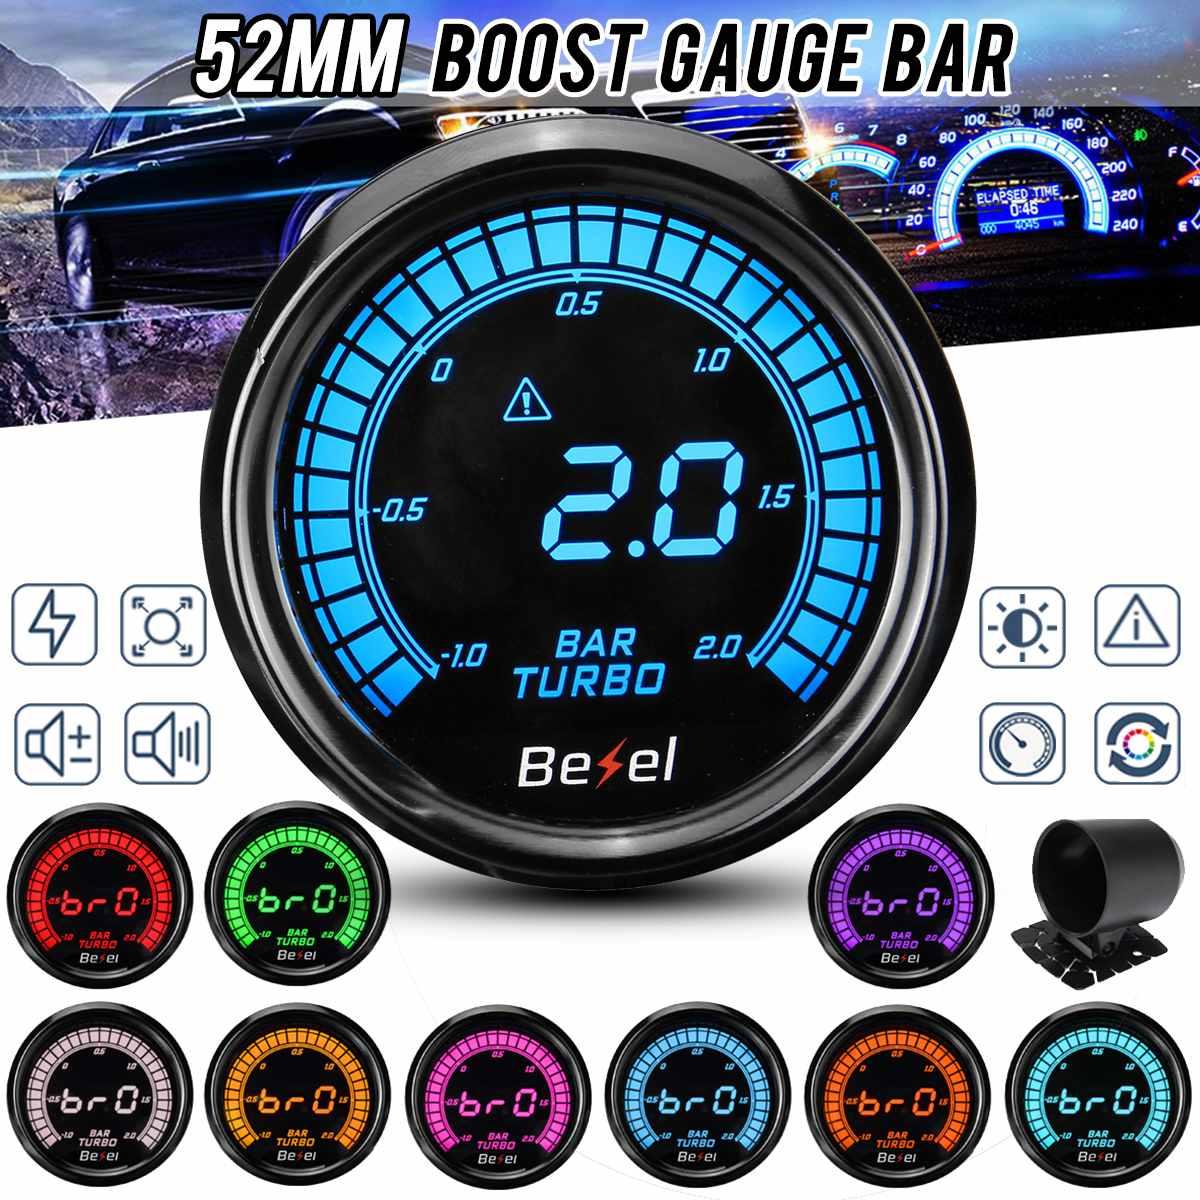 Универсальный автомобильный манометр, измеритель давления с кронштейном, 52 мм, 0-9000 об/мин, 10 цветов, с цифровым светодиодным индикатором